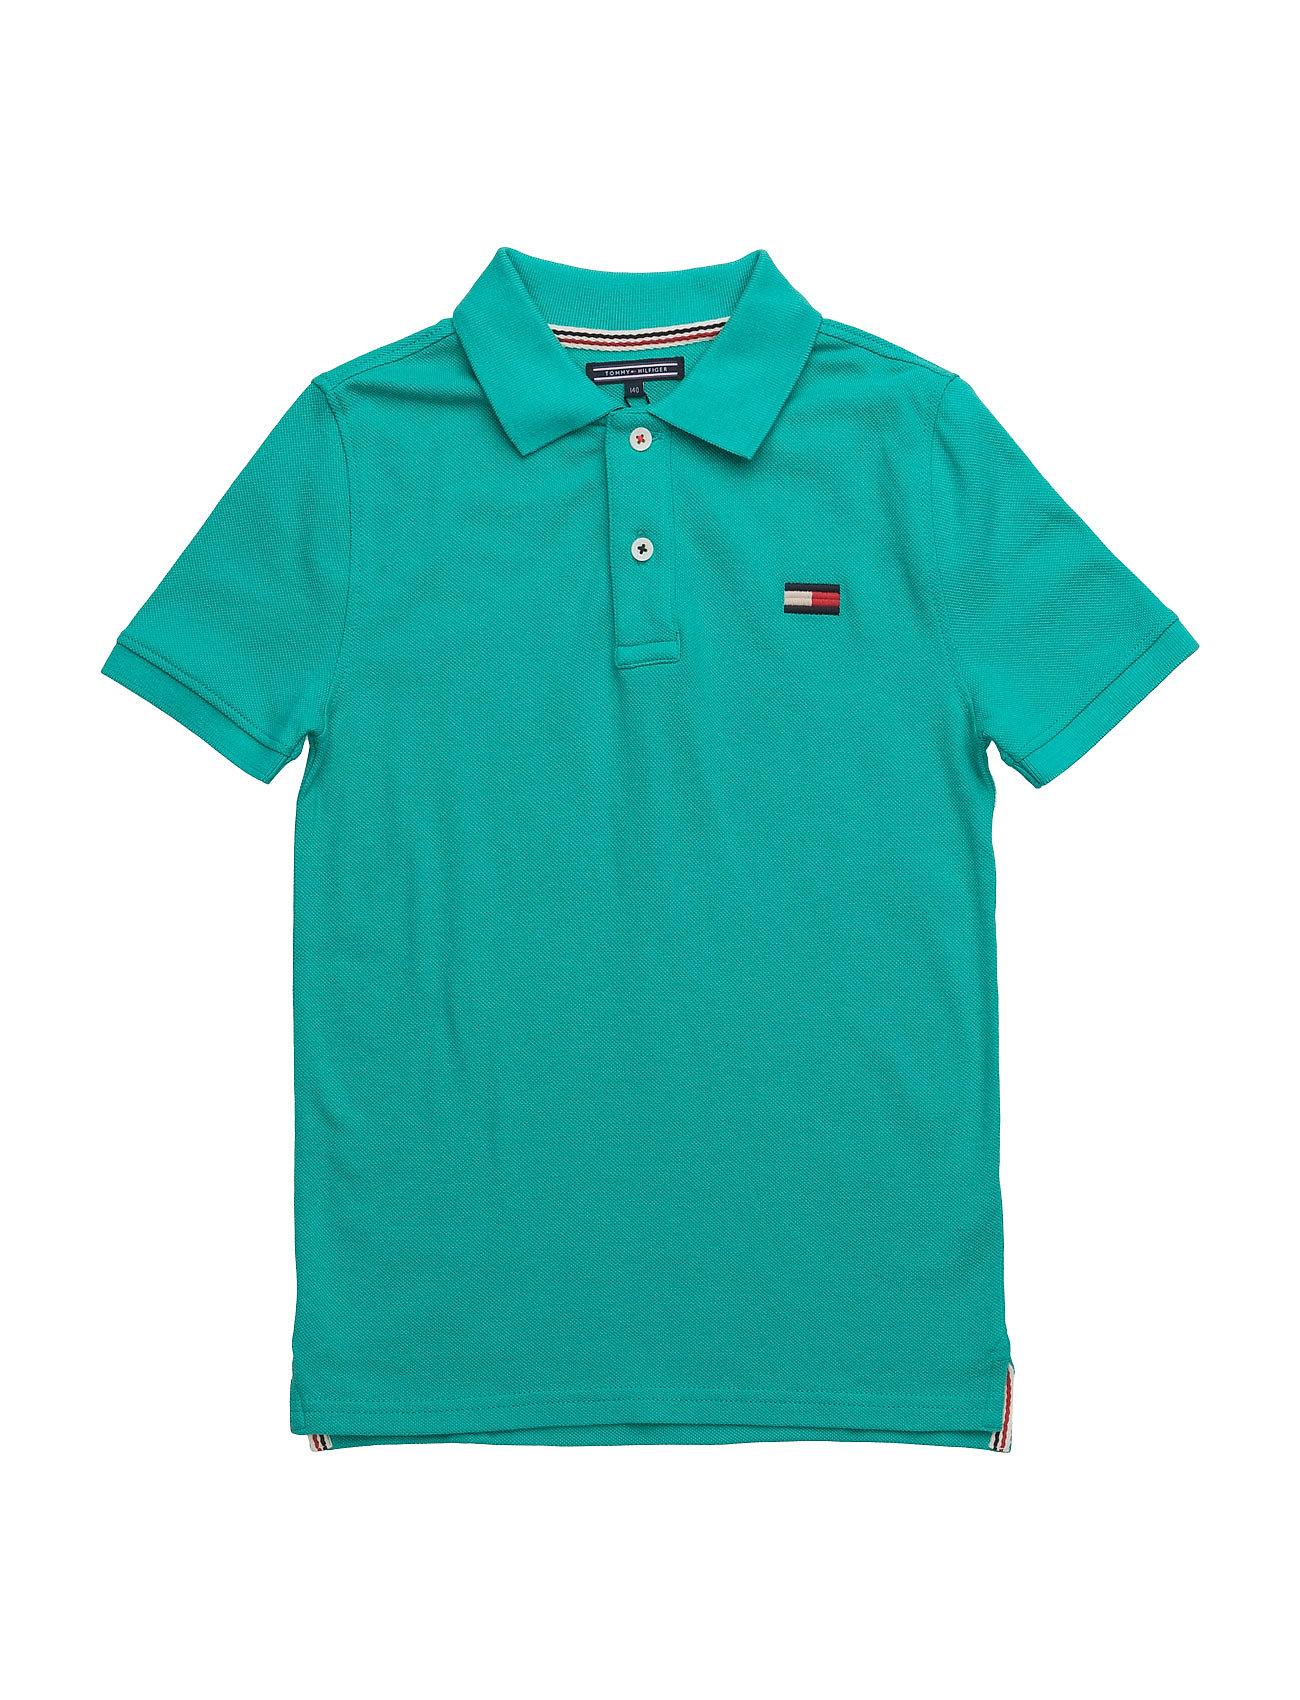 Big Flag Polo S/S Tommy Hilfiger Kortærmede t-shirts til Børn i Grøn